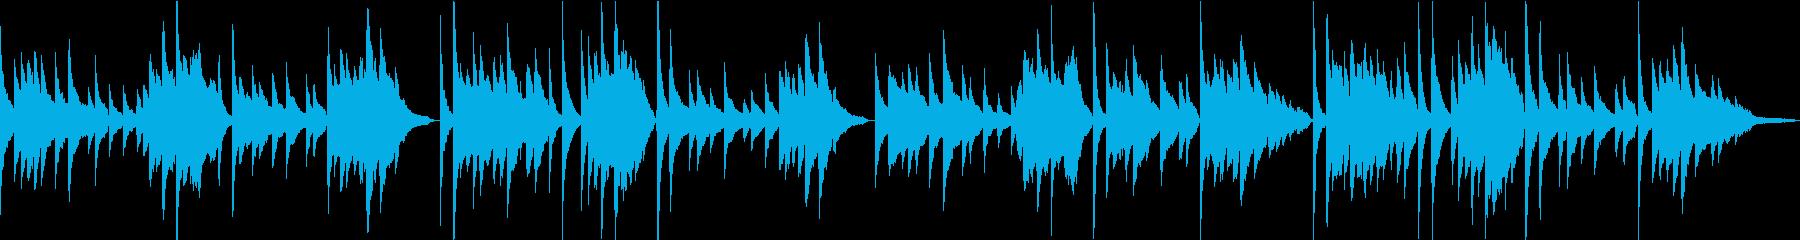 「蛍の光」ピアノアレンジ リバーブなしの再生済みの波形